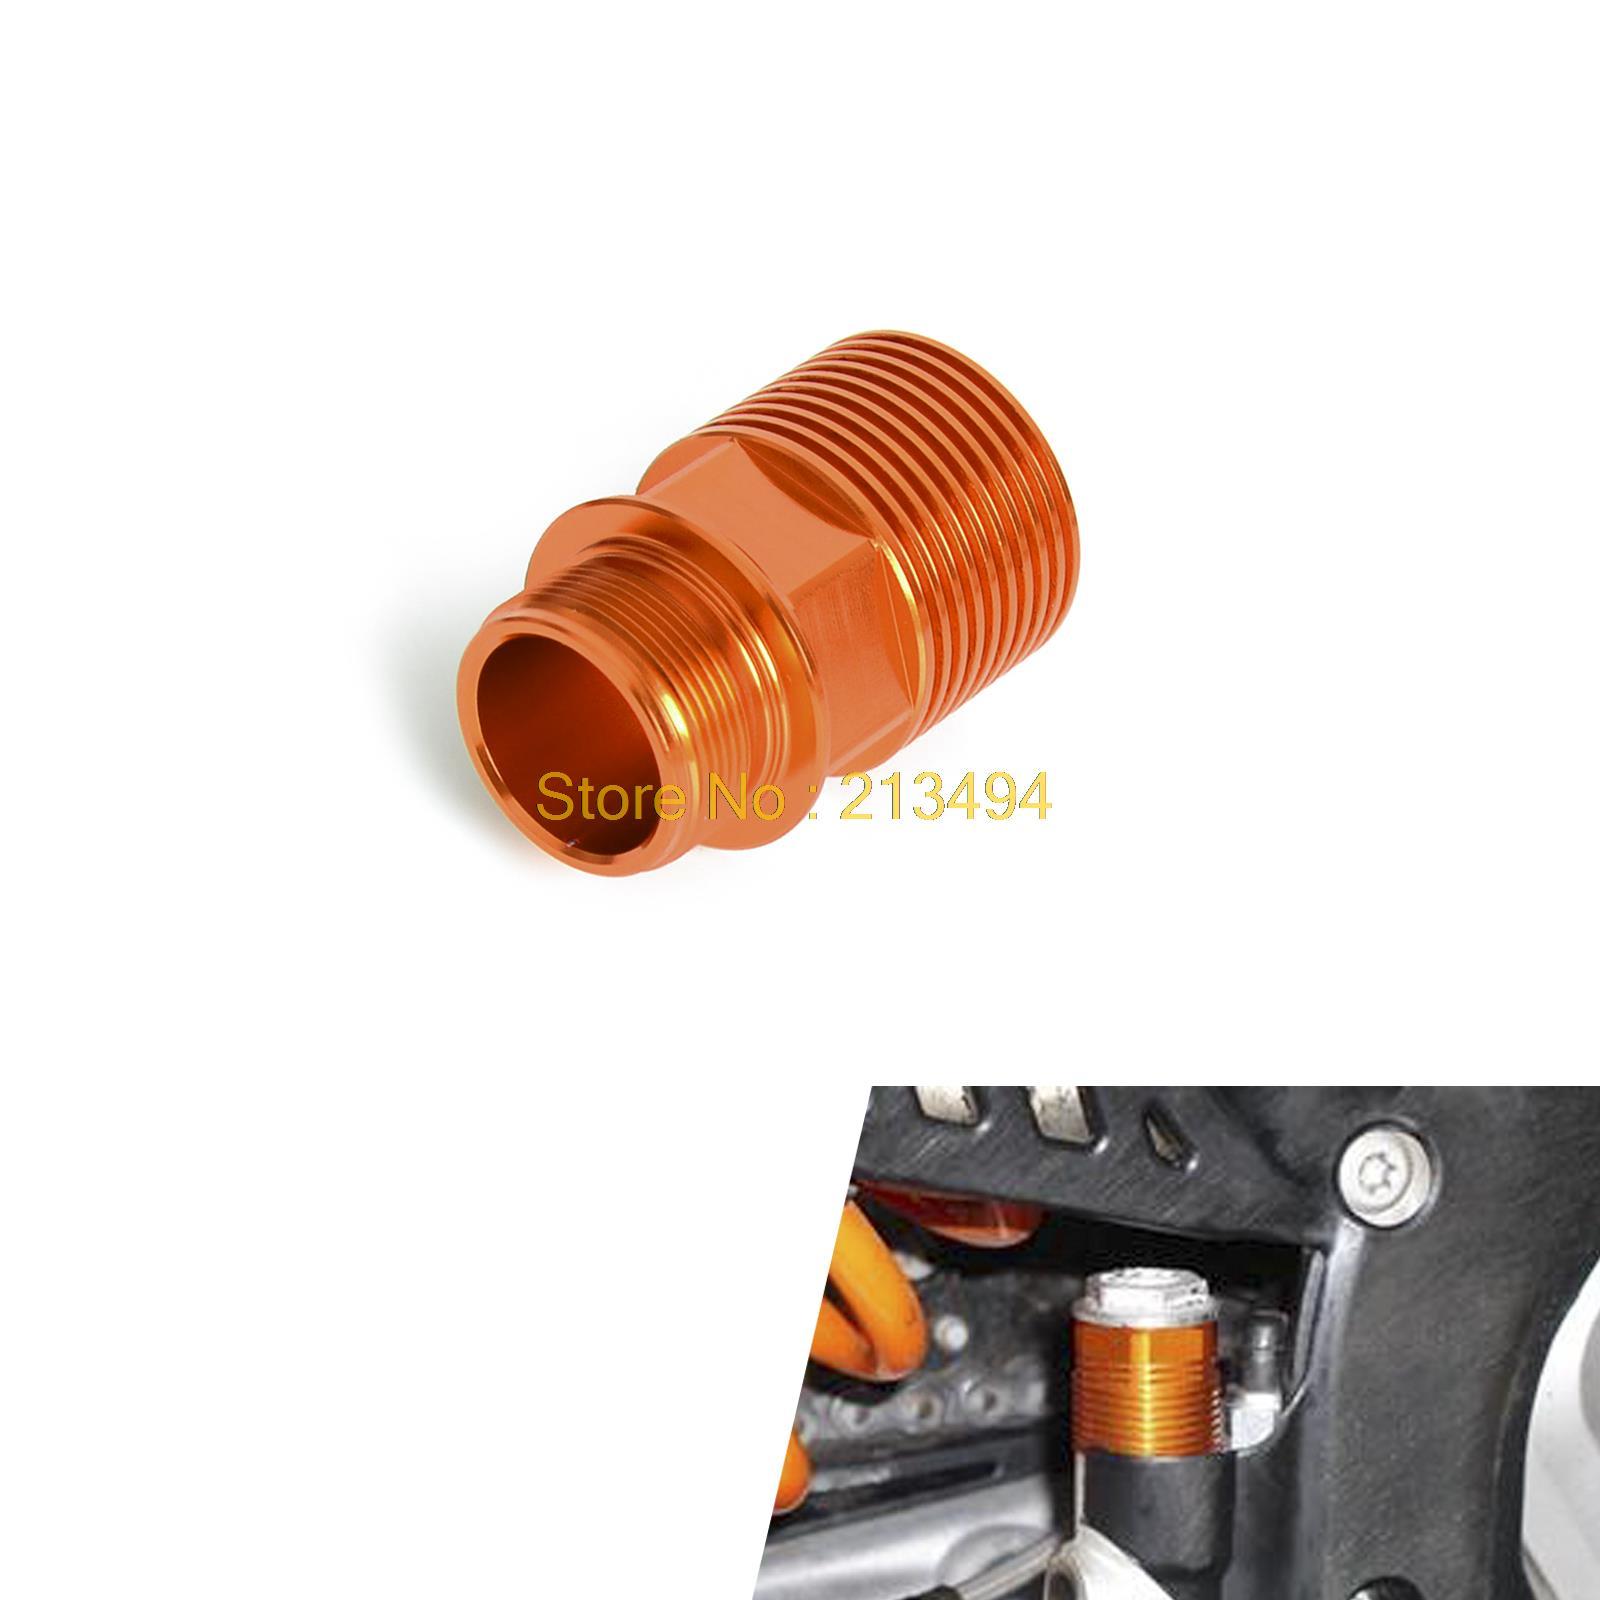 ᐊЗадний тормоз резервуар Extender подходит для KTM 125 250 ...